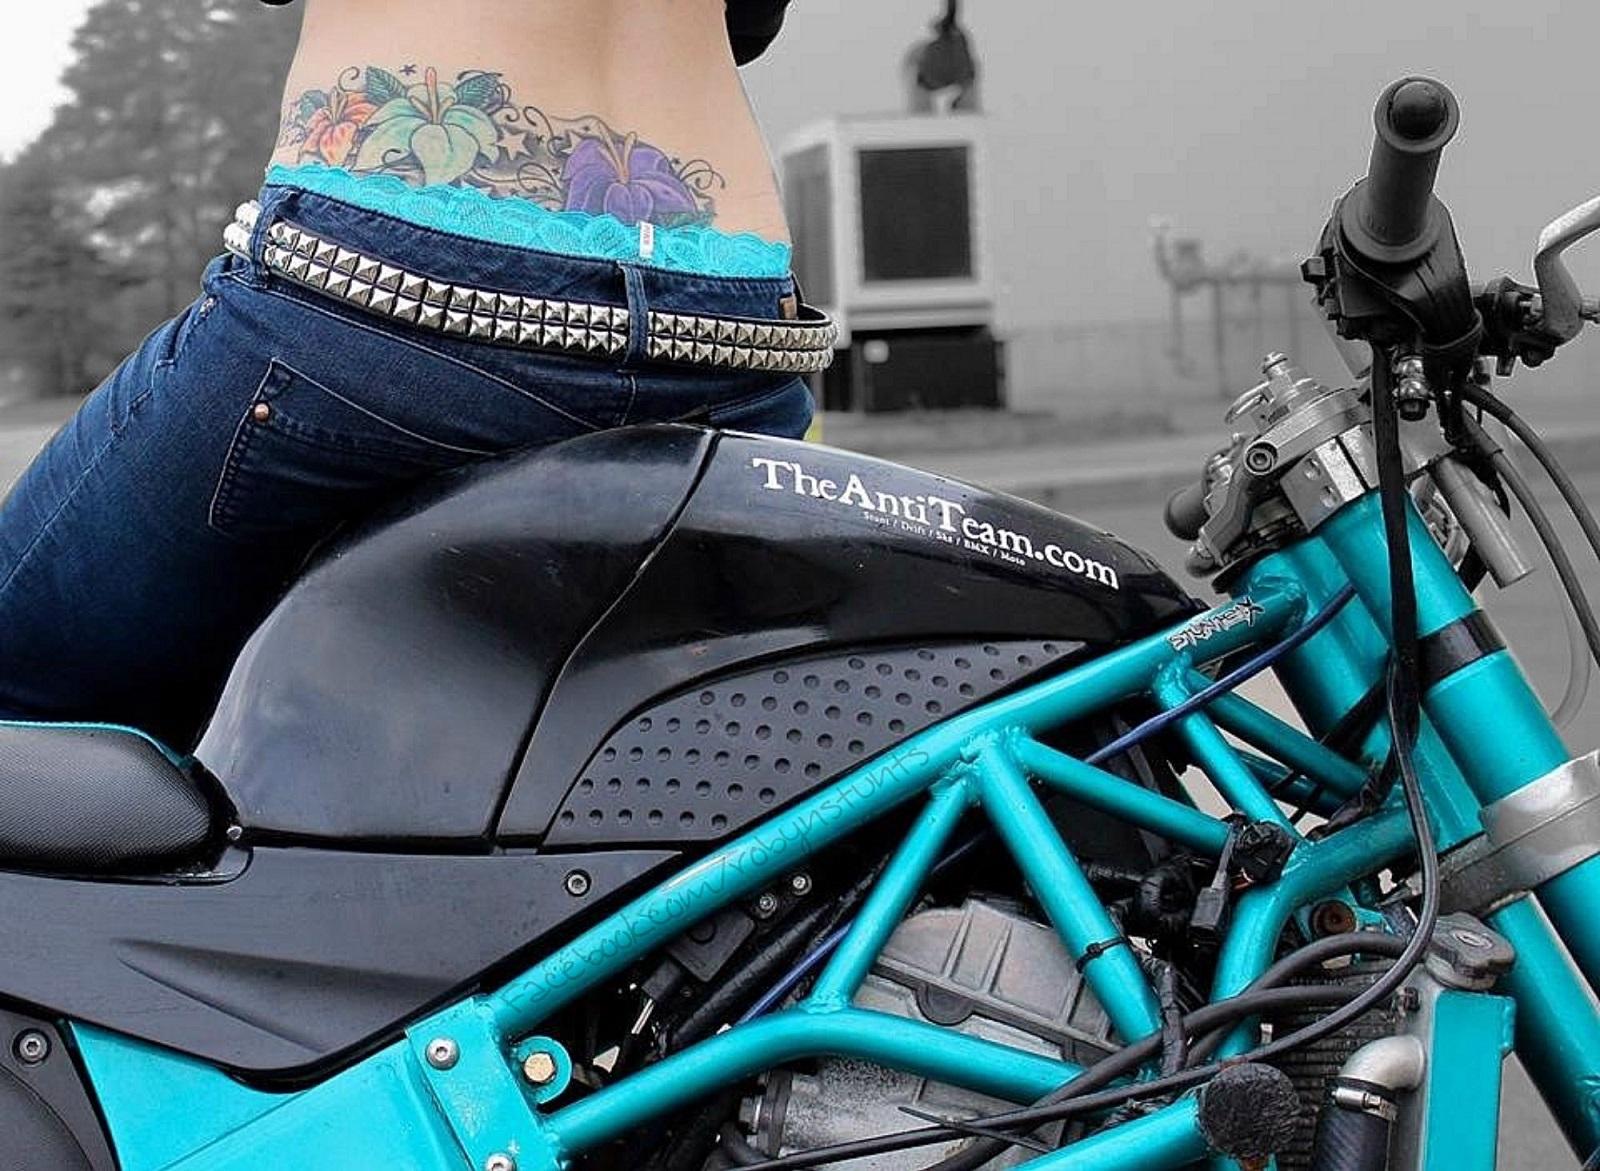 Robyn Stunts Tattoo